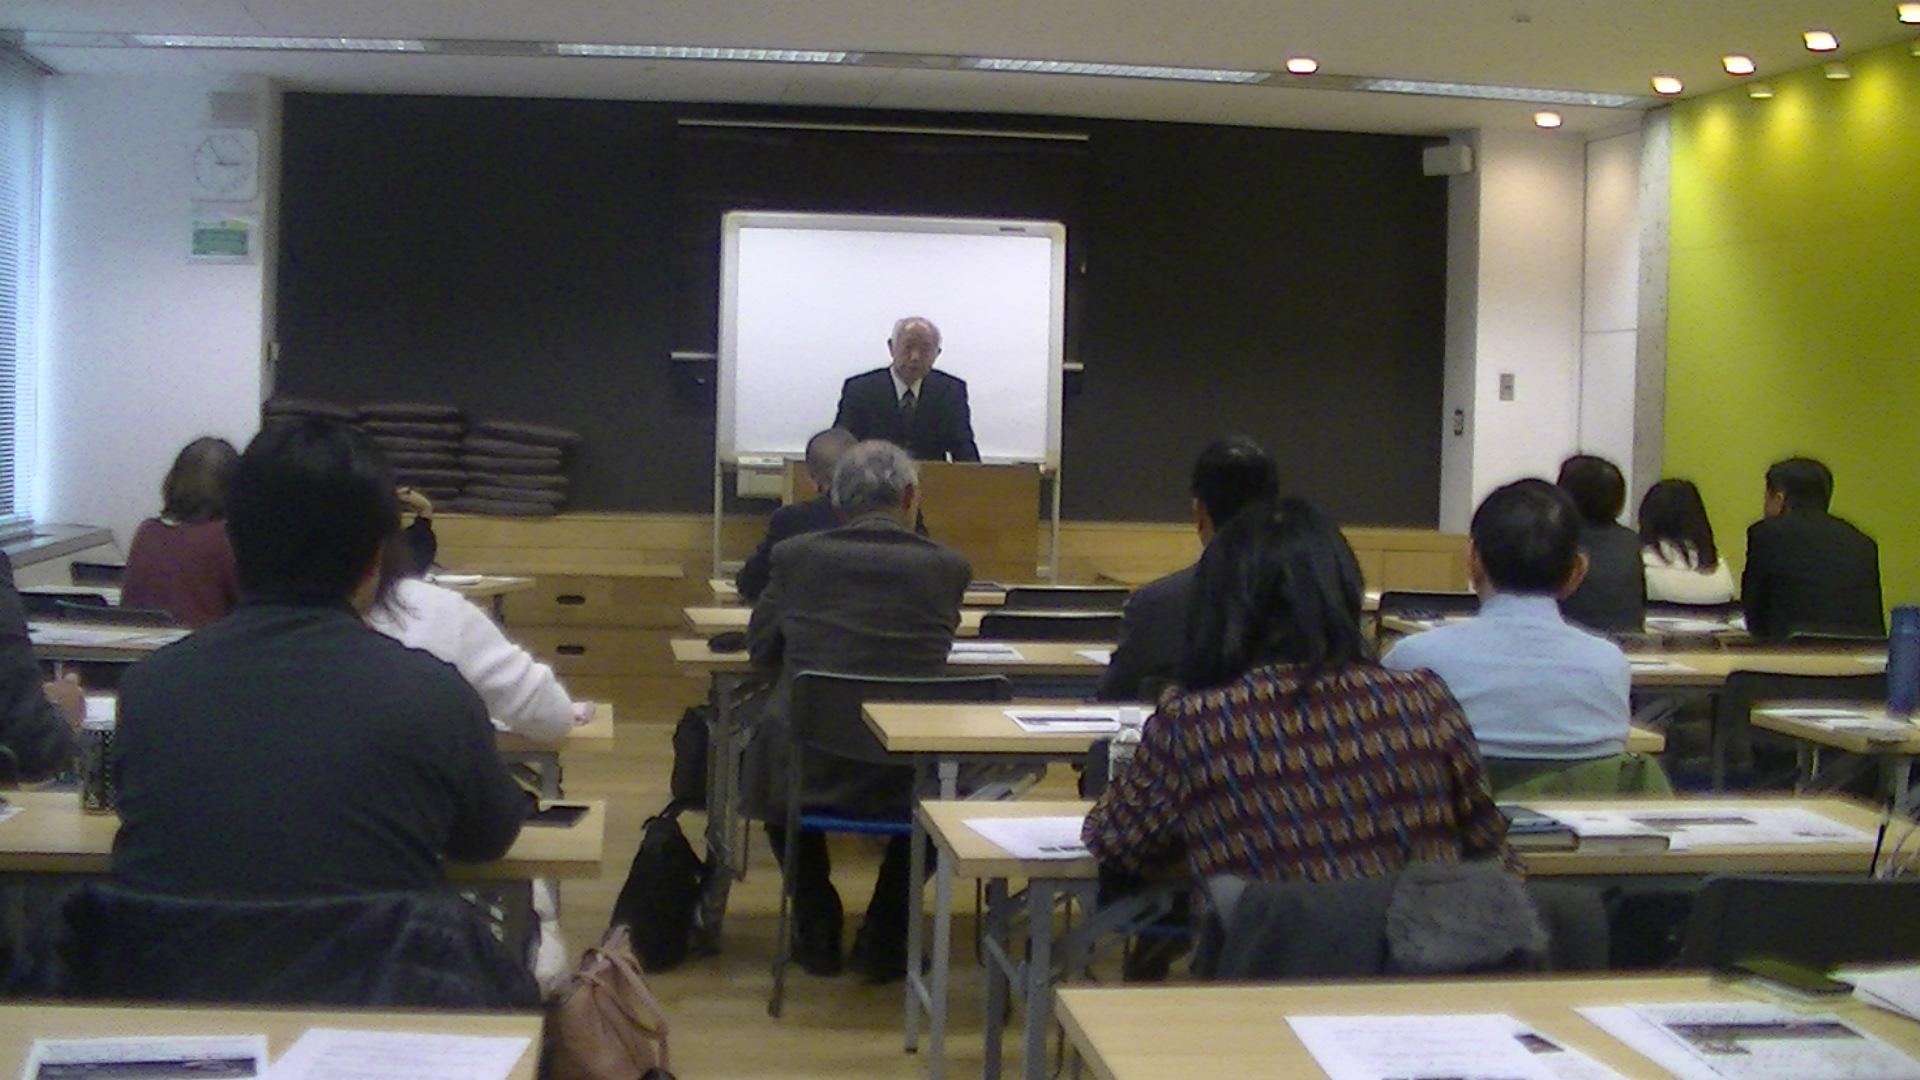 PIC 0088 - 平成30年度 東京思風塾 4月7日(土)「時代が問題をつくり、問題が人物をつくる」